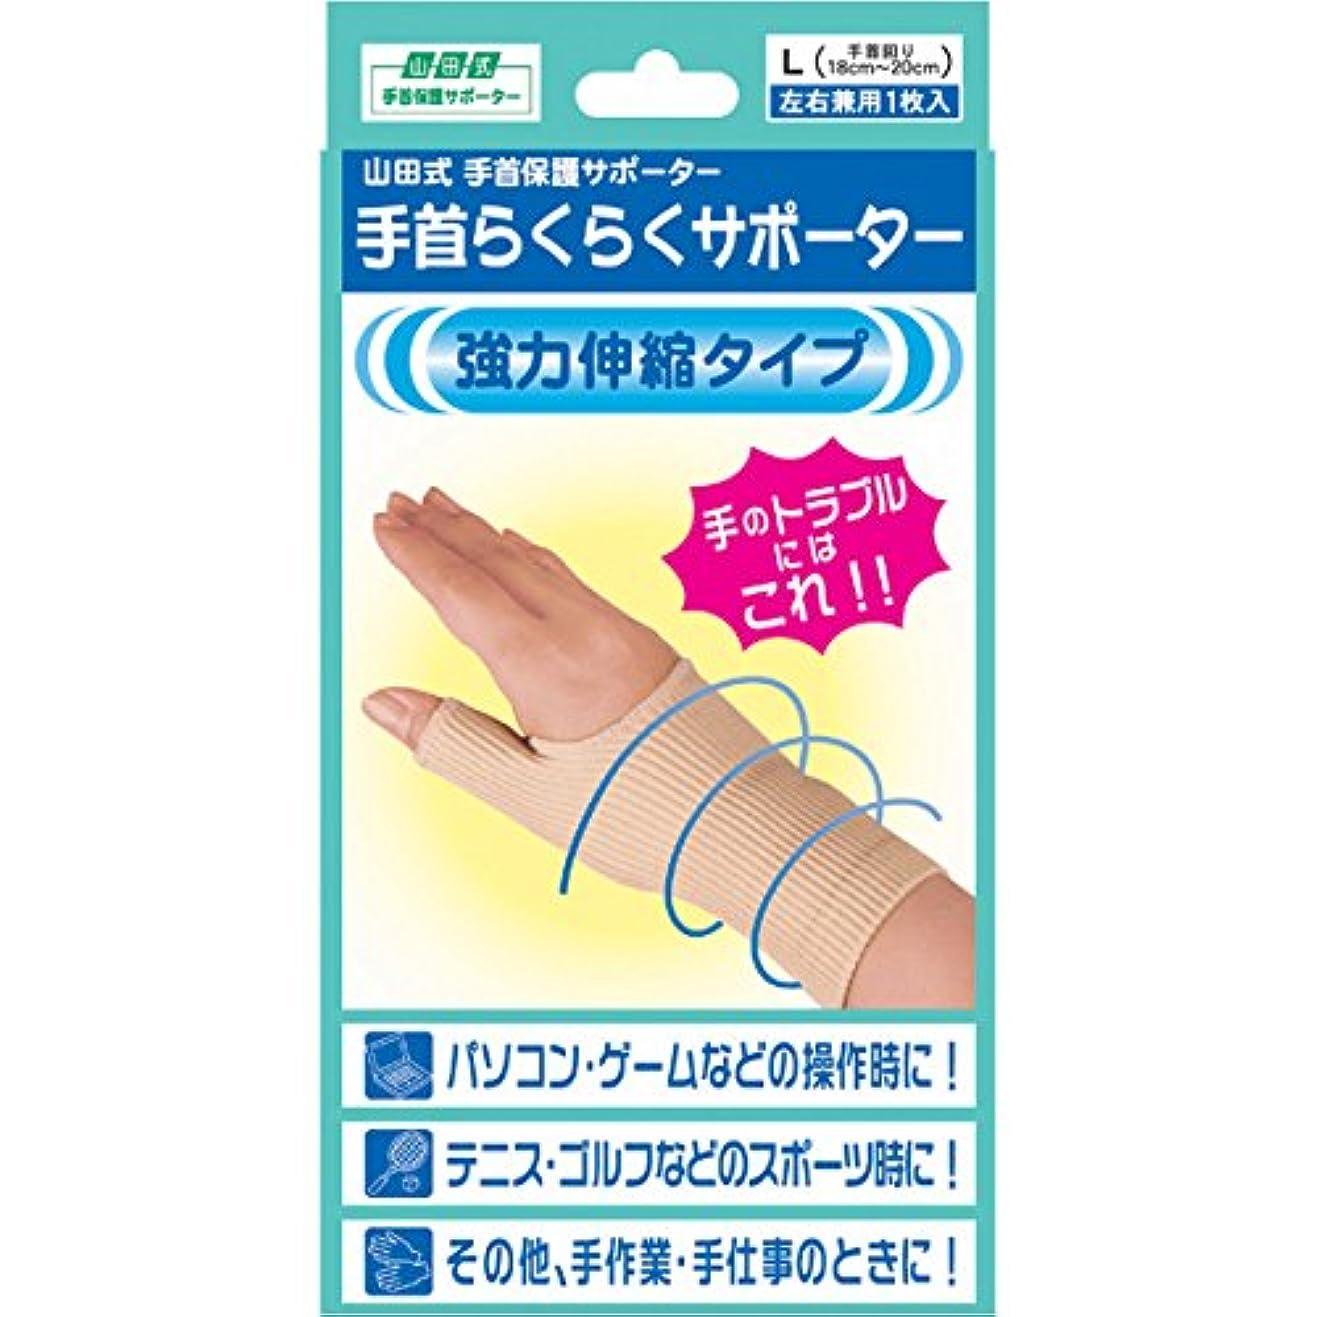 模索排泄するうがい薬(ミノウラ)山田式 手首らくらくサポーター L(手首回り):18-20cm